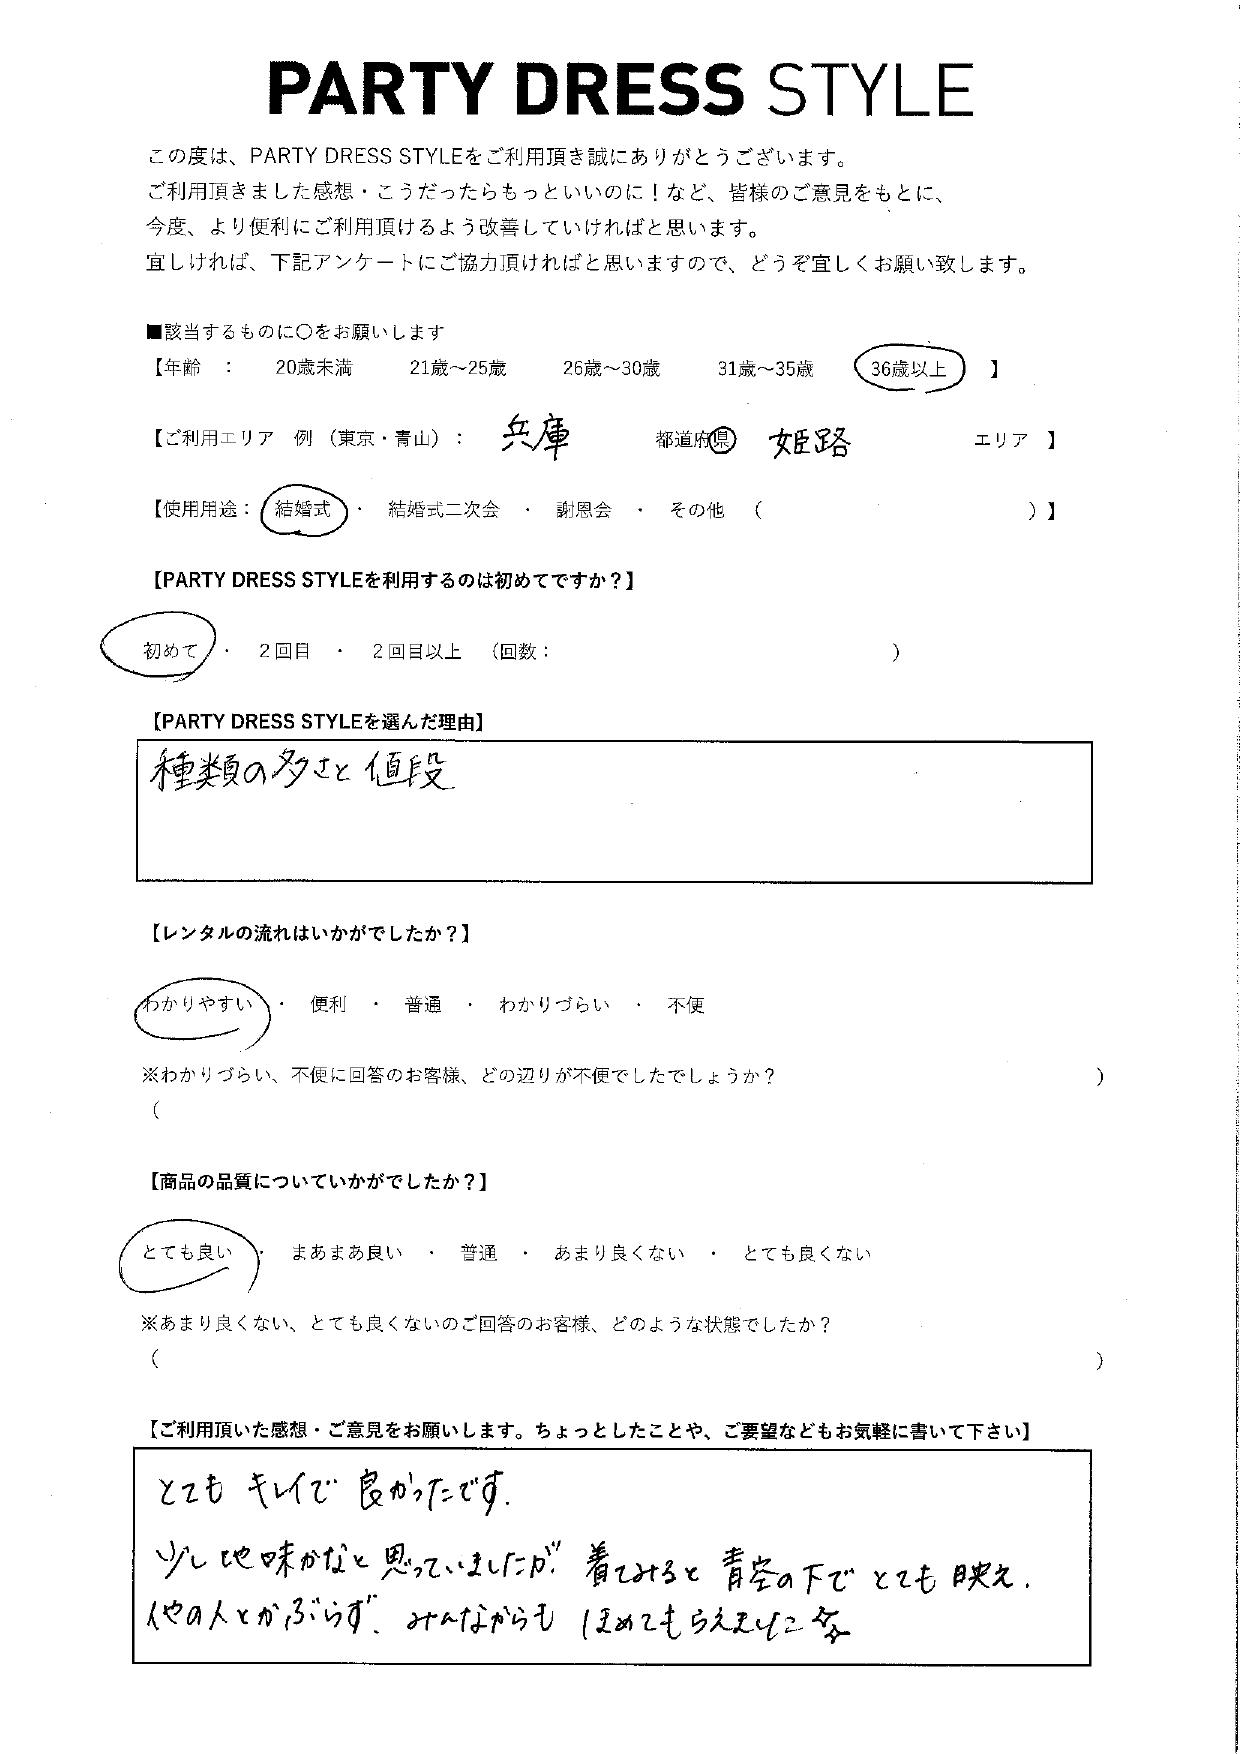 7/18結婚式ご利用 兵庫・姫路エリア